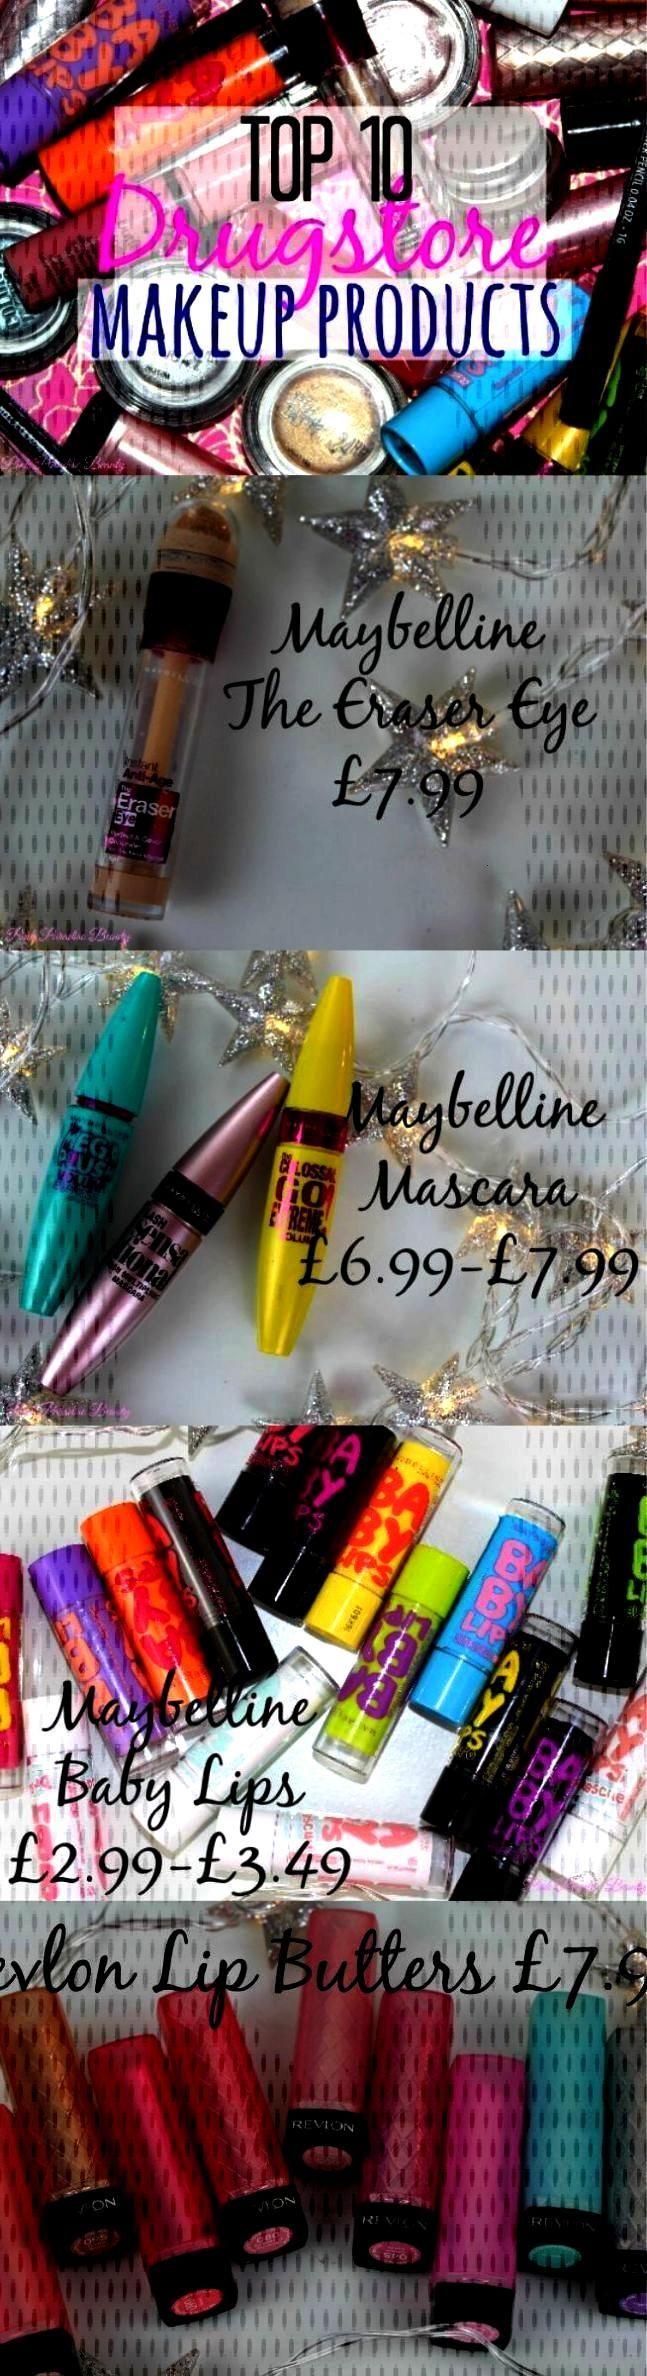 discount against makeup artist hiring salary Artist